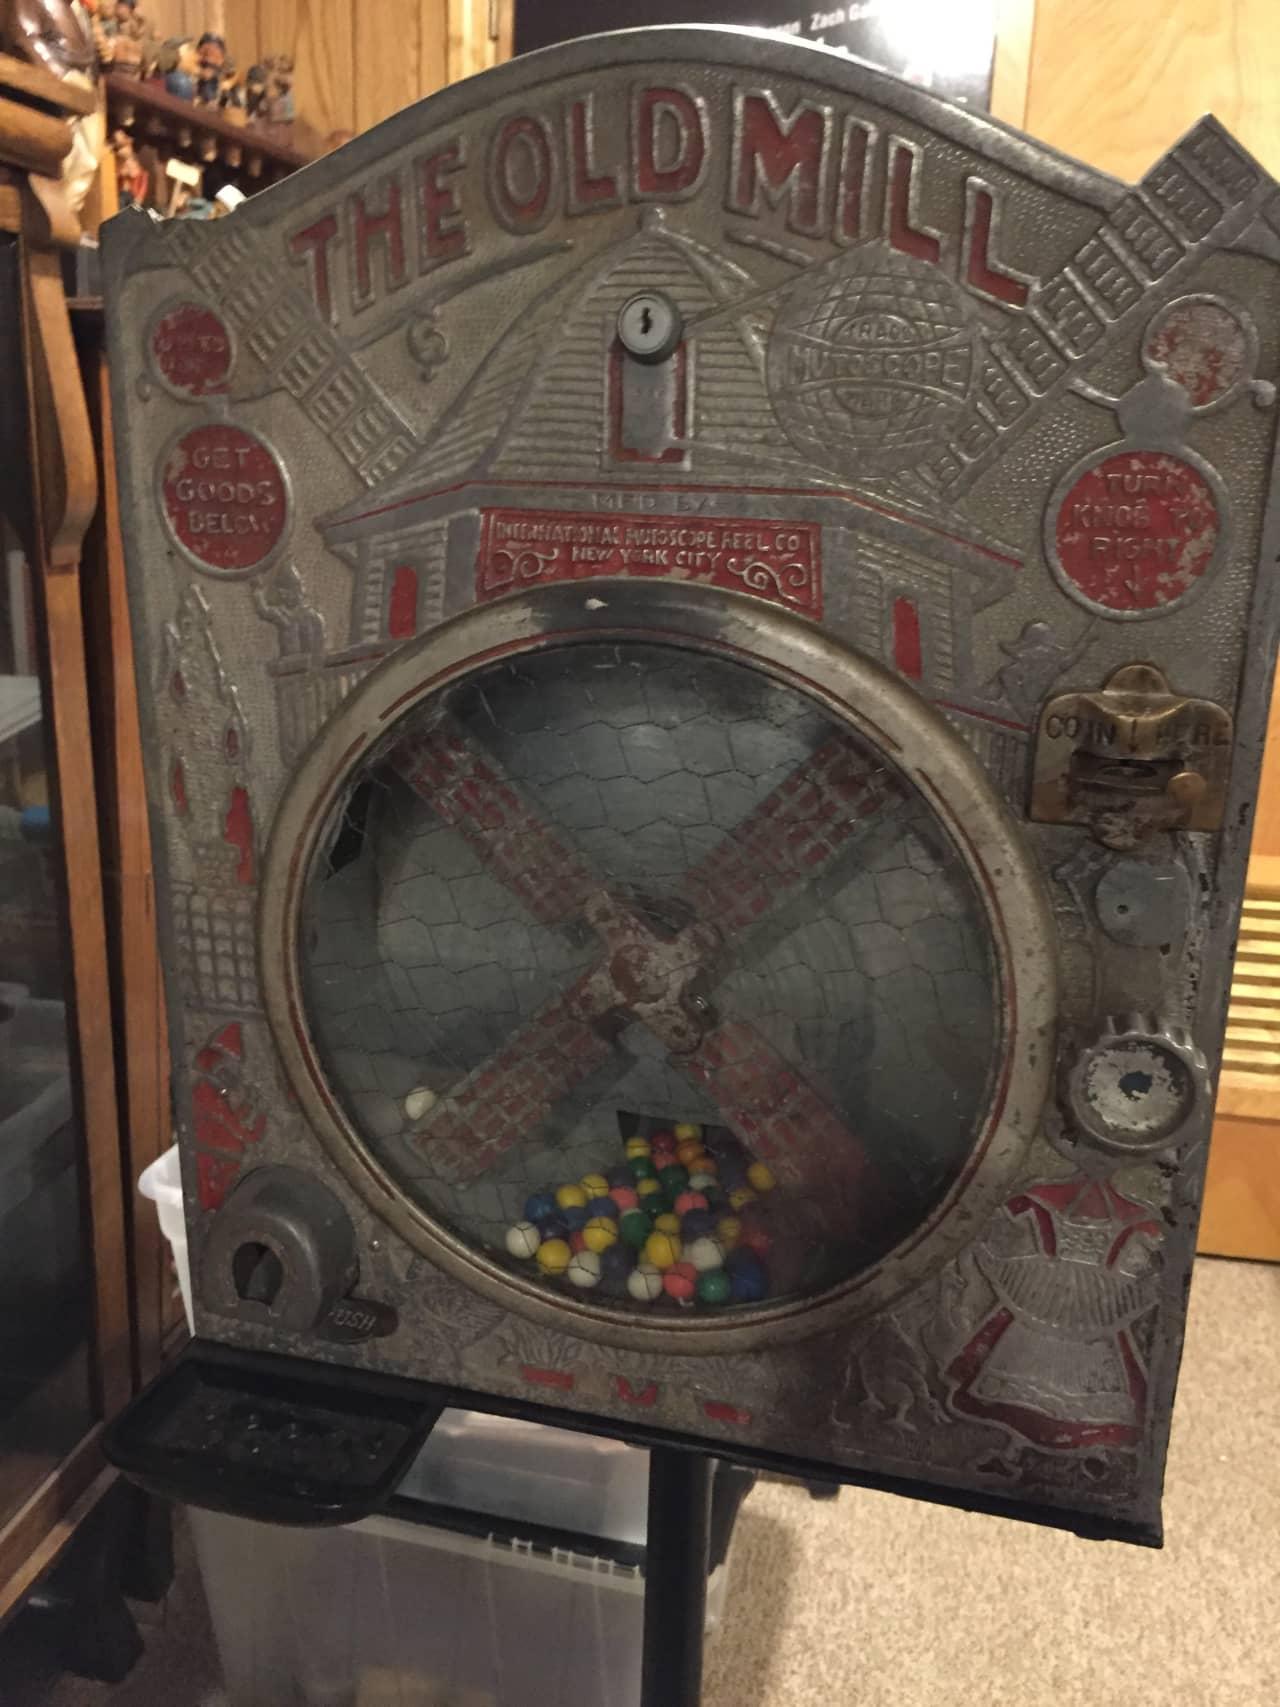 Mutoscope Old Mill Gum Vendor